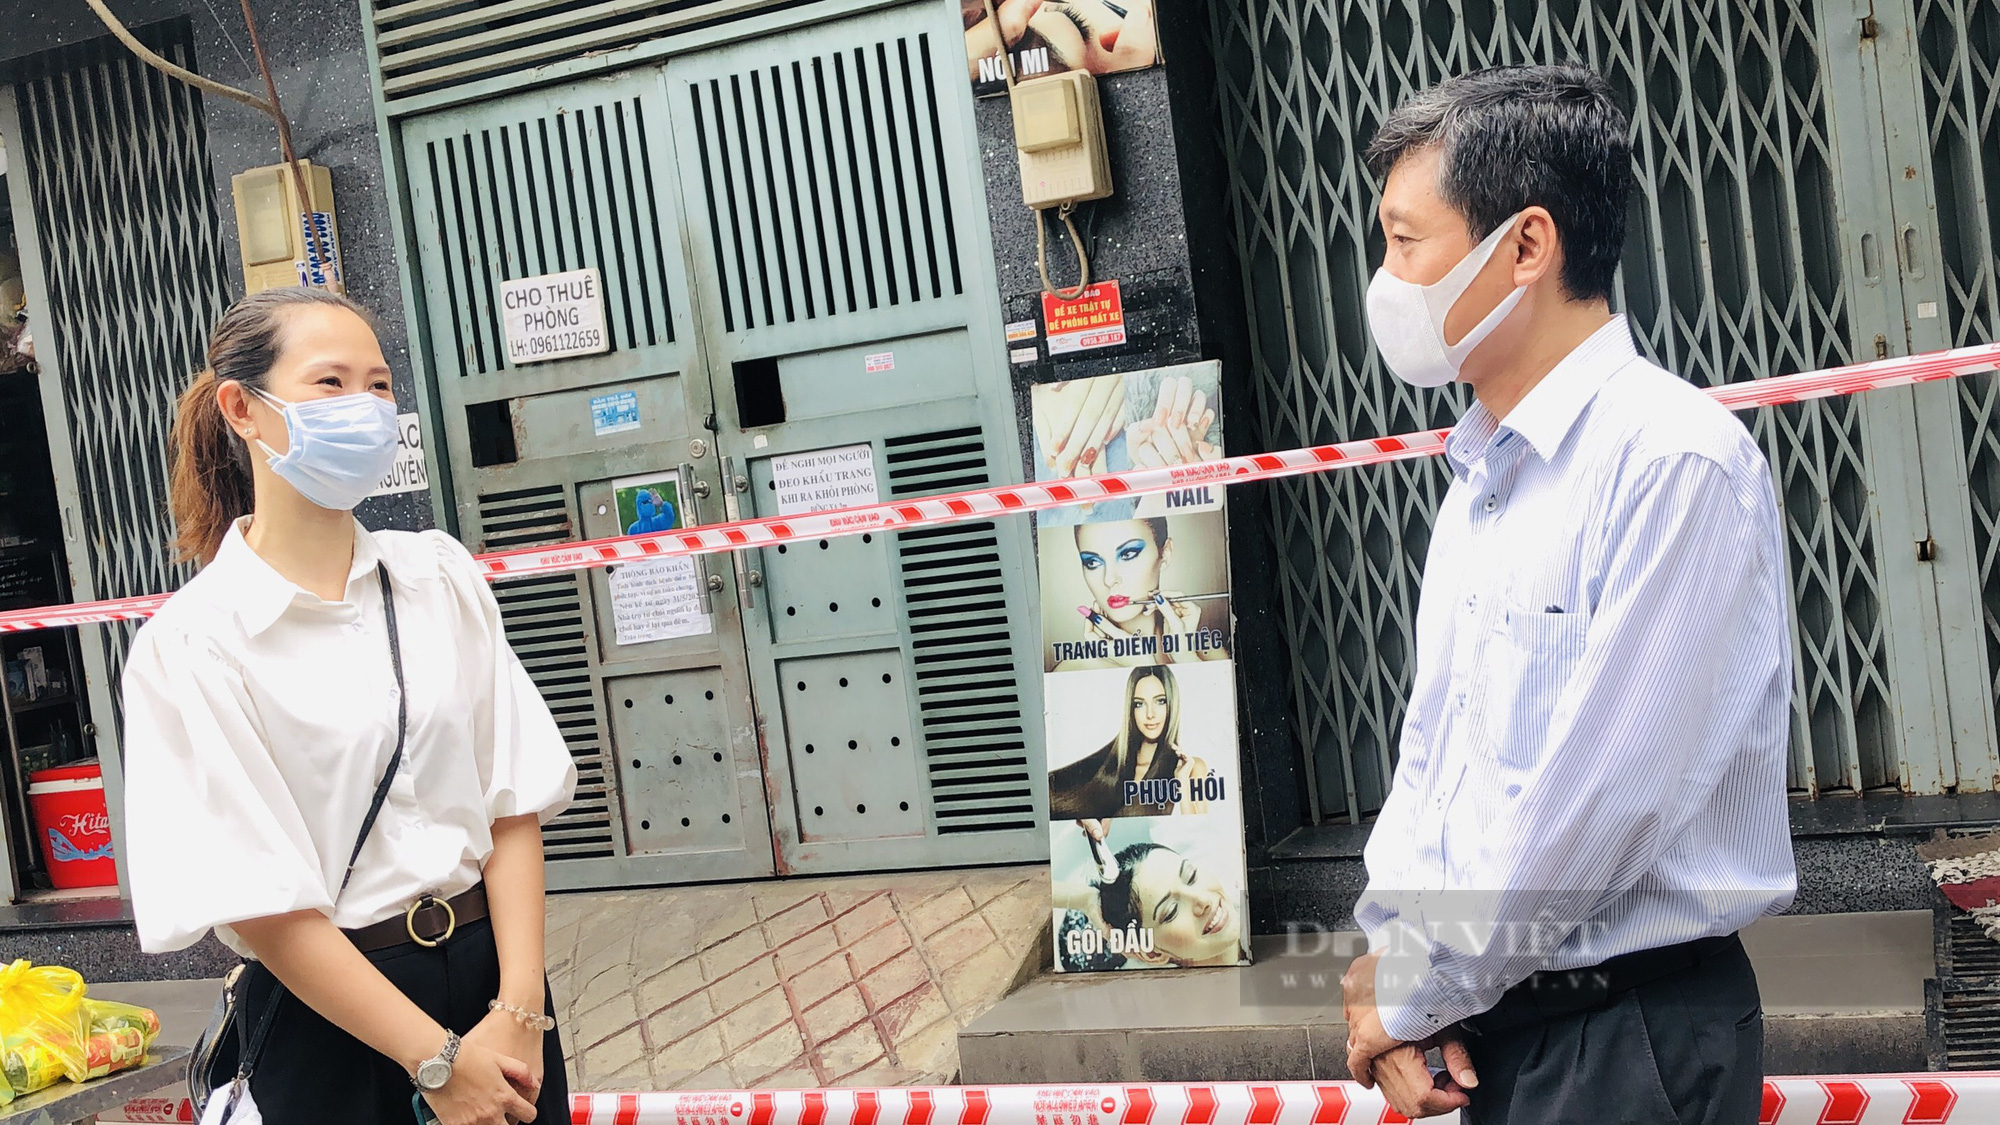 Báo Nông thôn Ngày nay/Điện tử Dân Việt tiếp sức mùa dịch cho người dân tại TP.HCM - Ảnh 4.